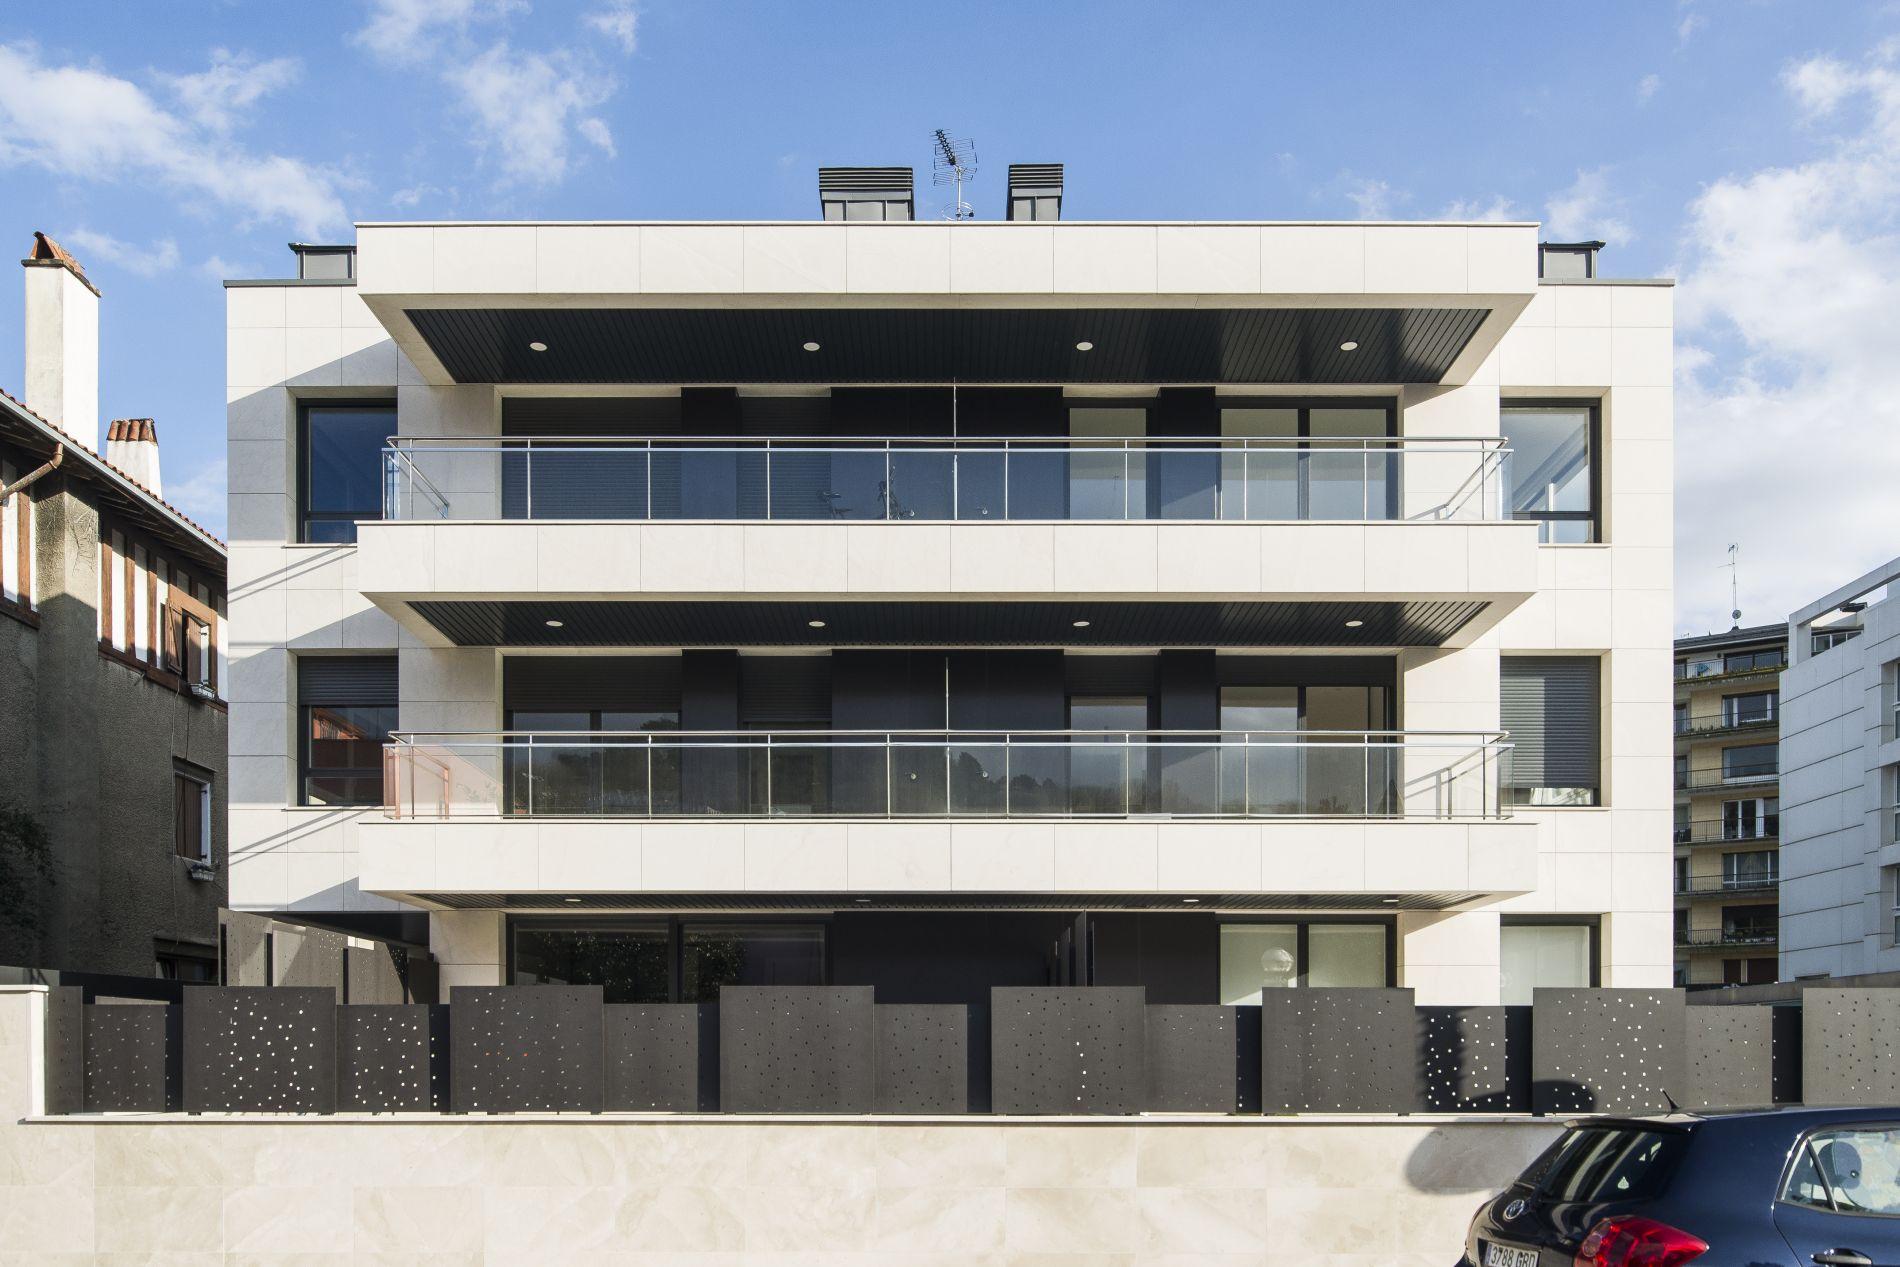 Fiark - 6 viviendas en Infanta Cristina 17 2